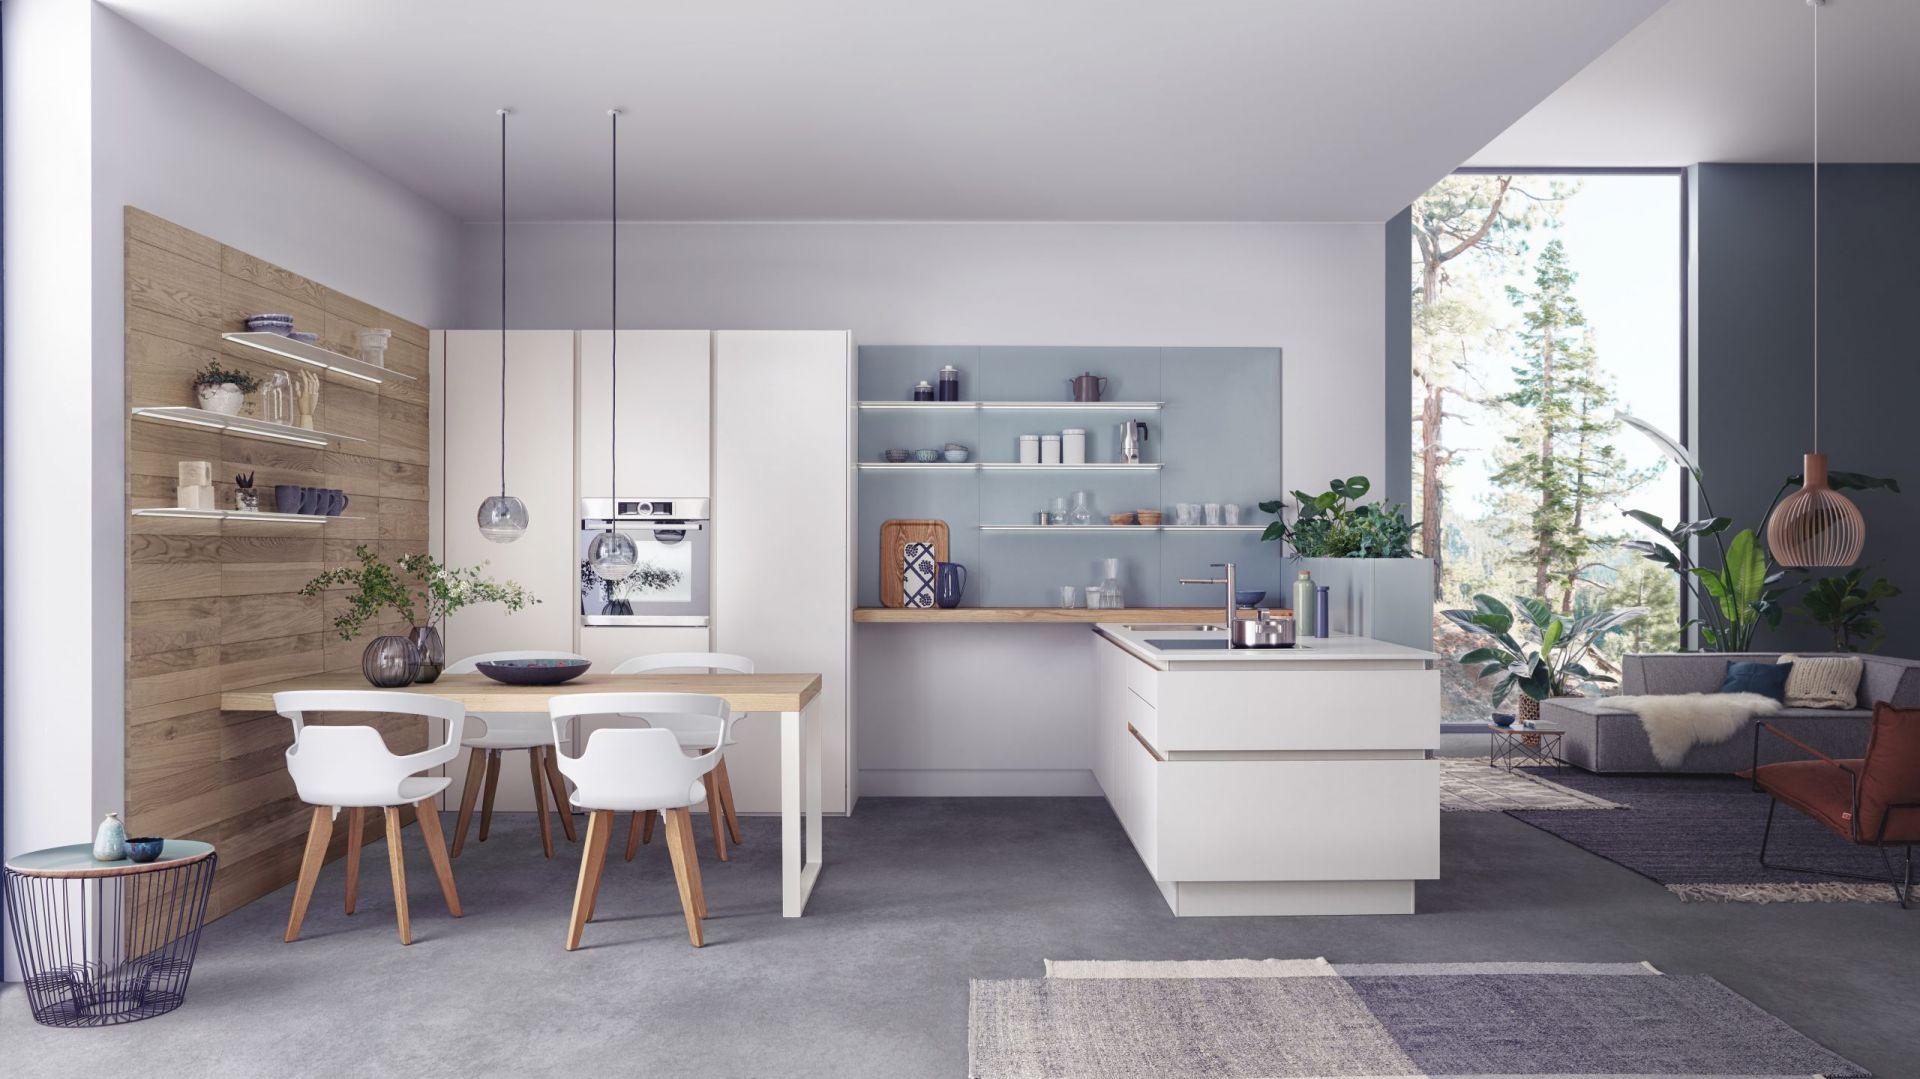 Kuchnia Solid-C | Valais | Classic-FS w kolorze białym zapewnia wrażenie ponadczasowej elegancji i przytulnego ciepła. Fot. Leicht